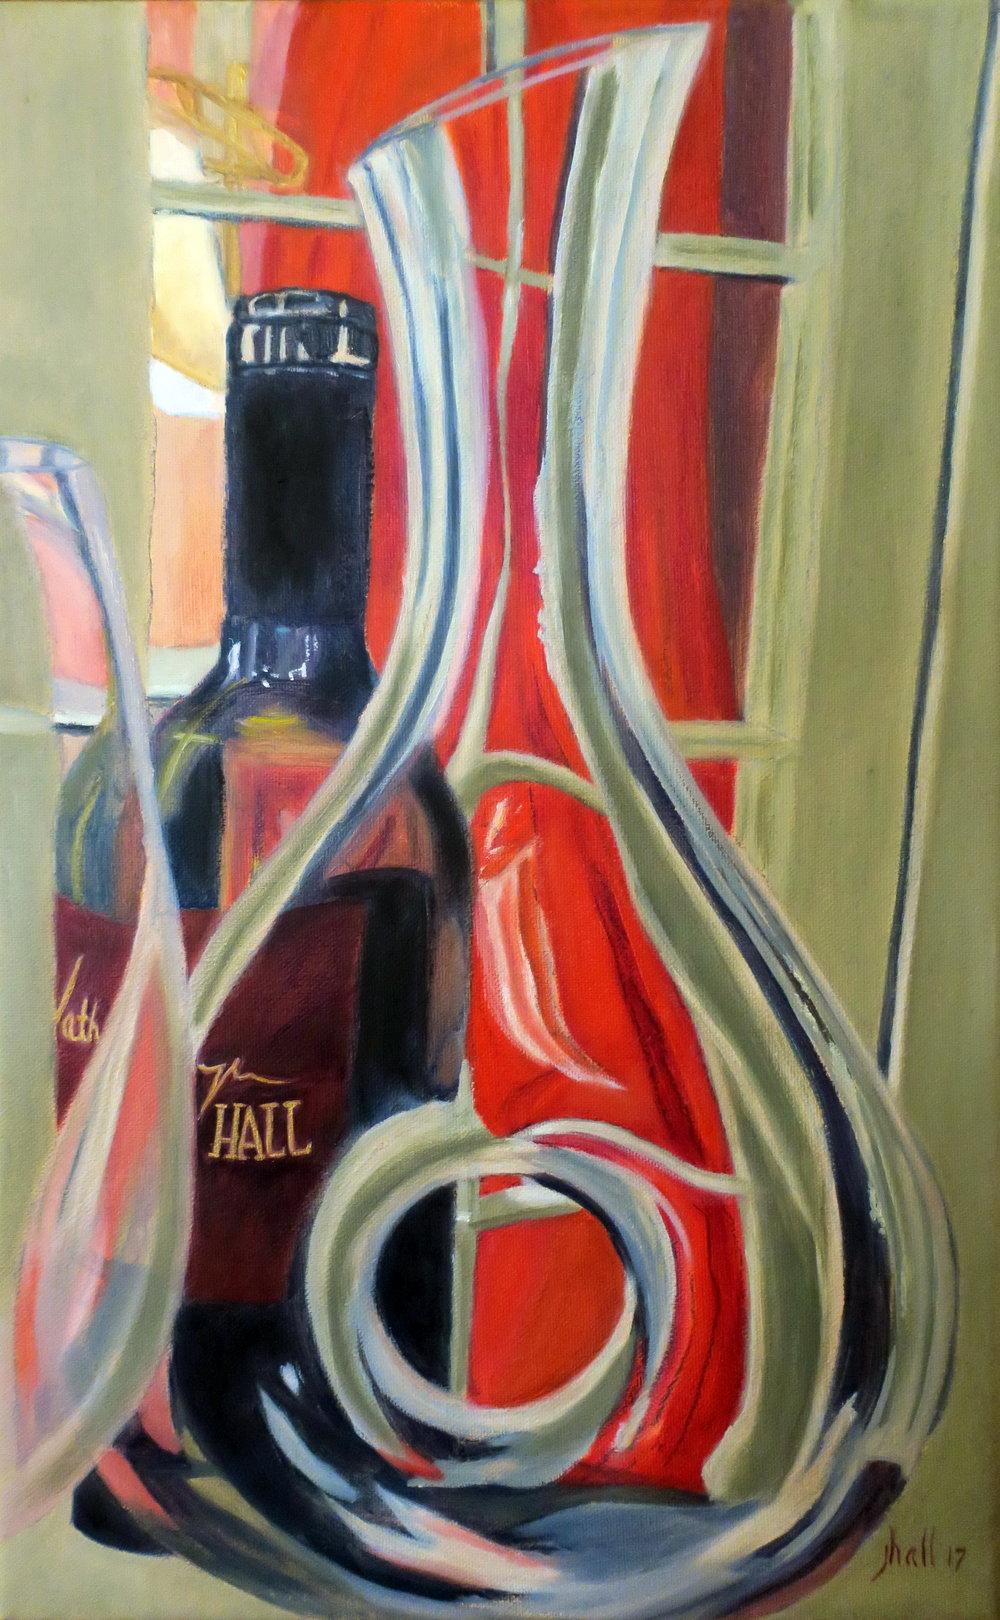 Hall Wine - 16 X 10